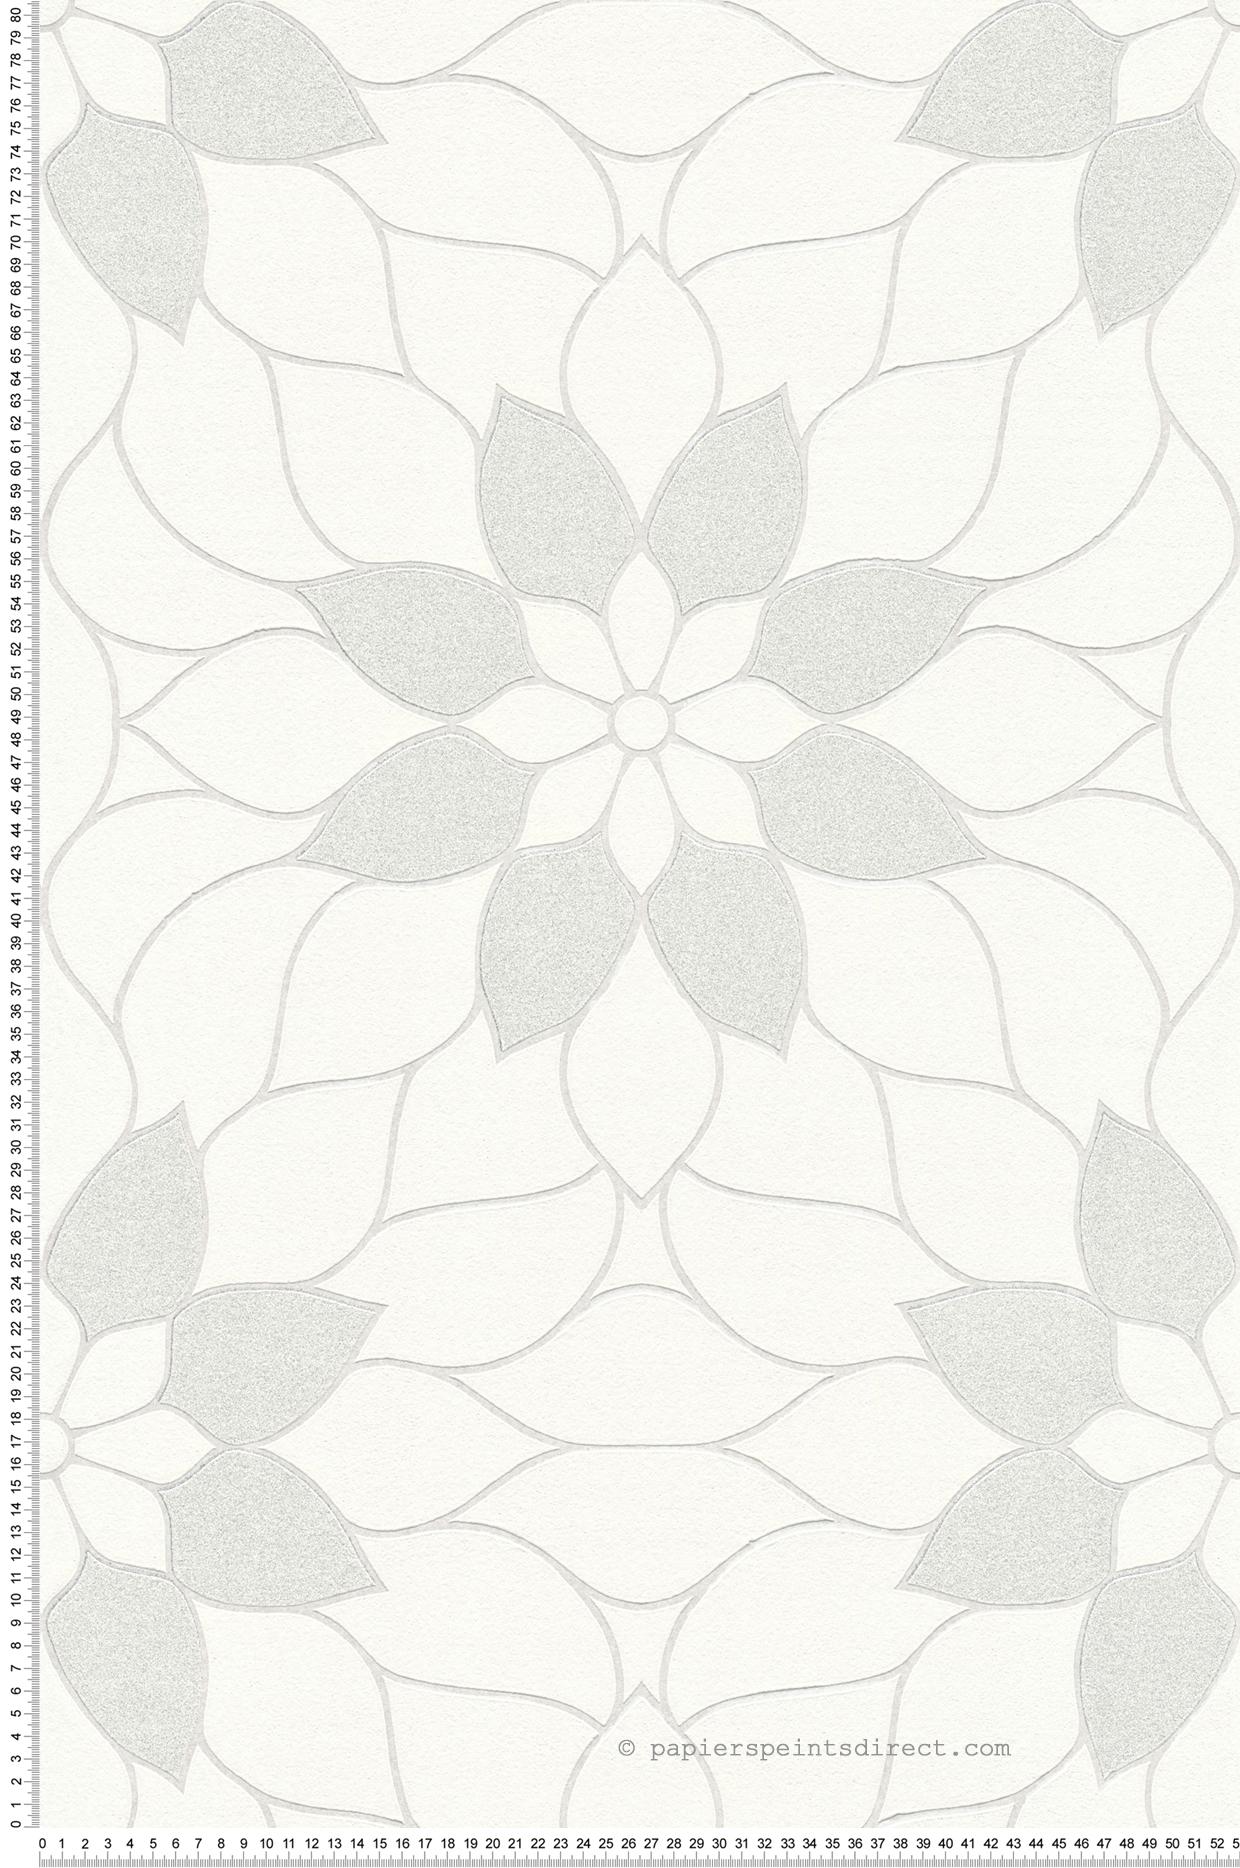 Papier Peint Art Deco Blanc papier peint fleurs art déco blanc - new studio 2.0 d'as